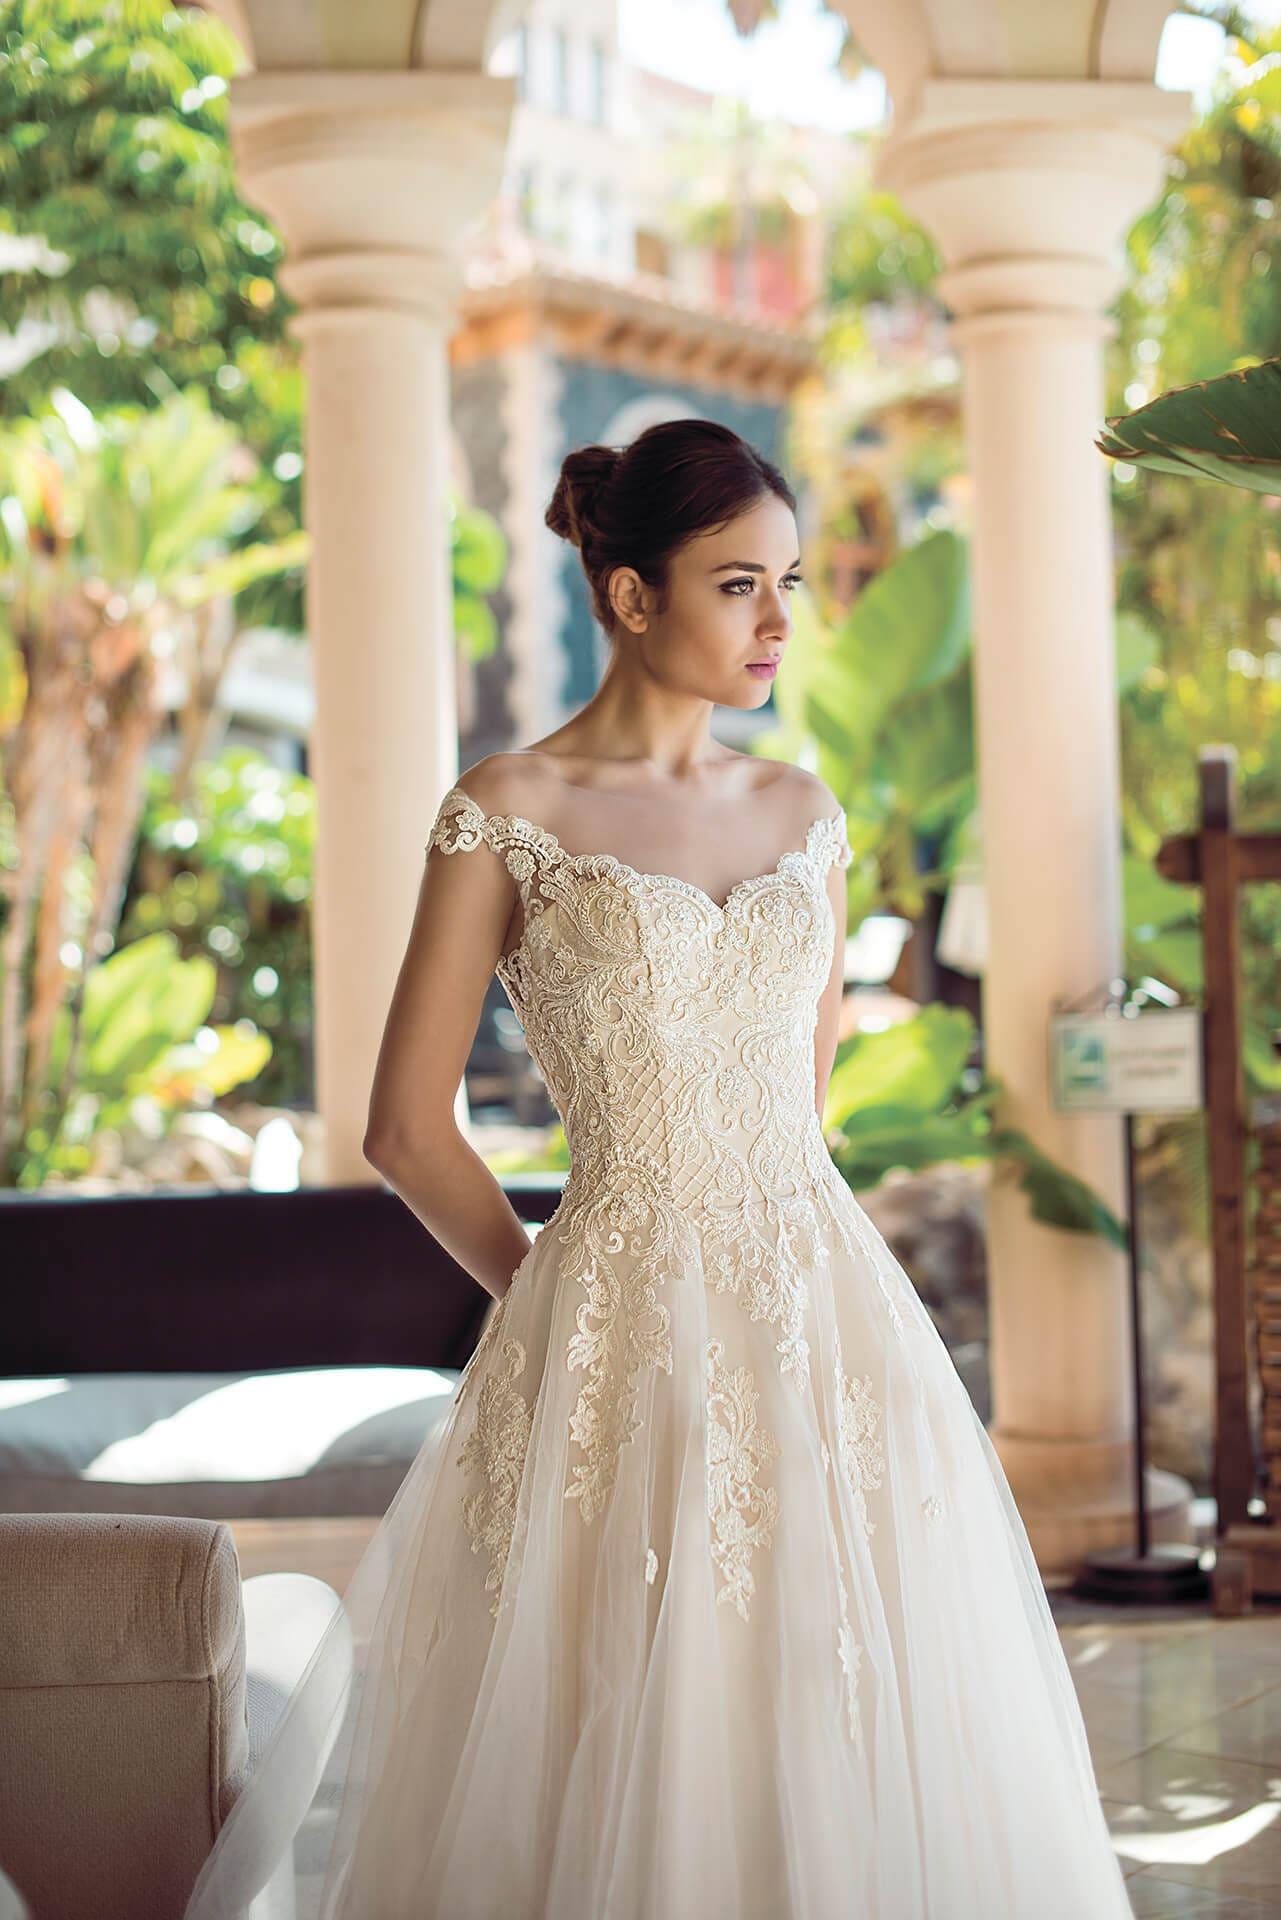 Свадебное платье с многослойным подолом и тонкими кружевными бретелями.